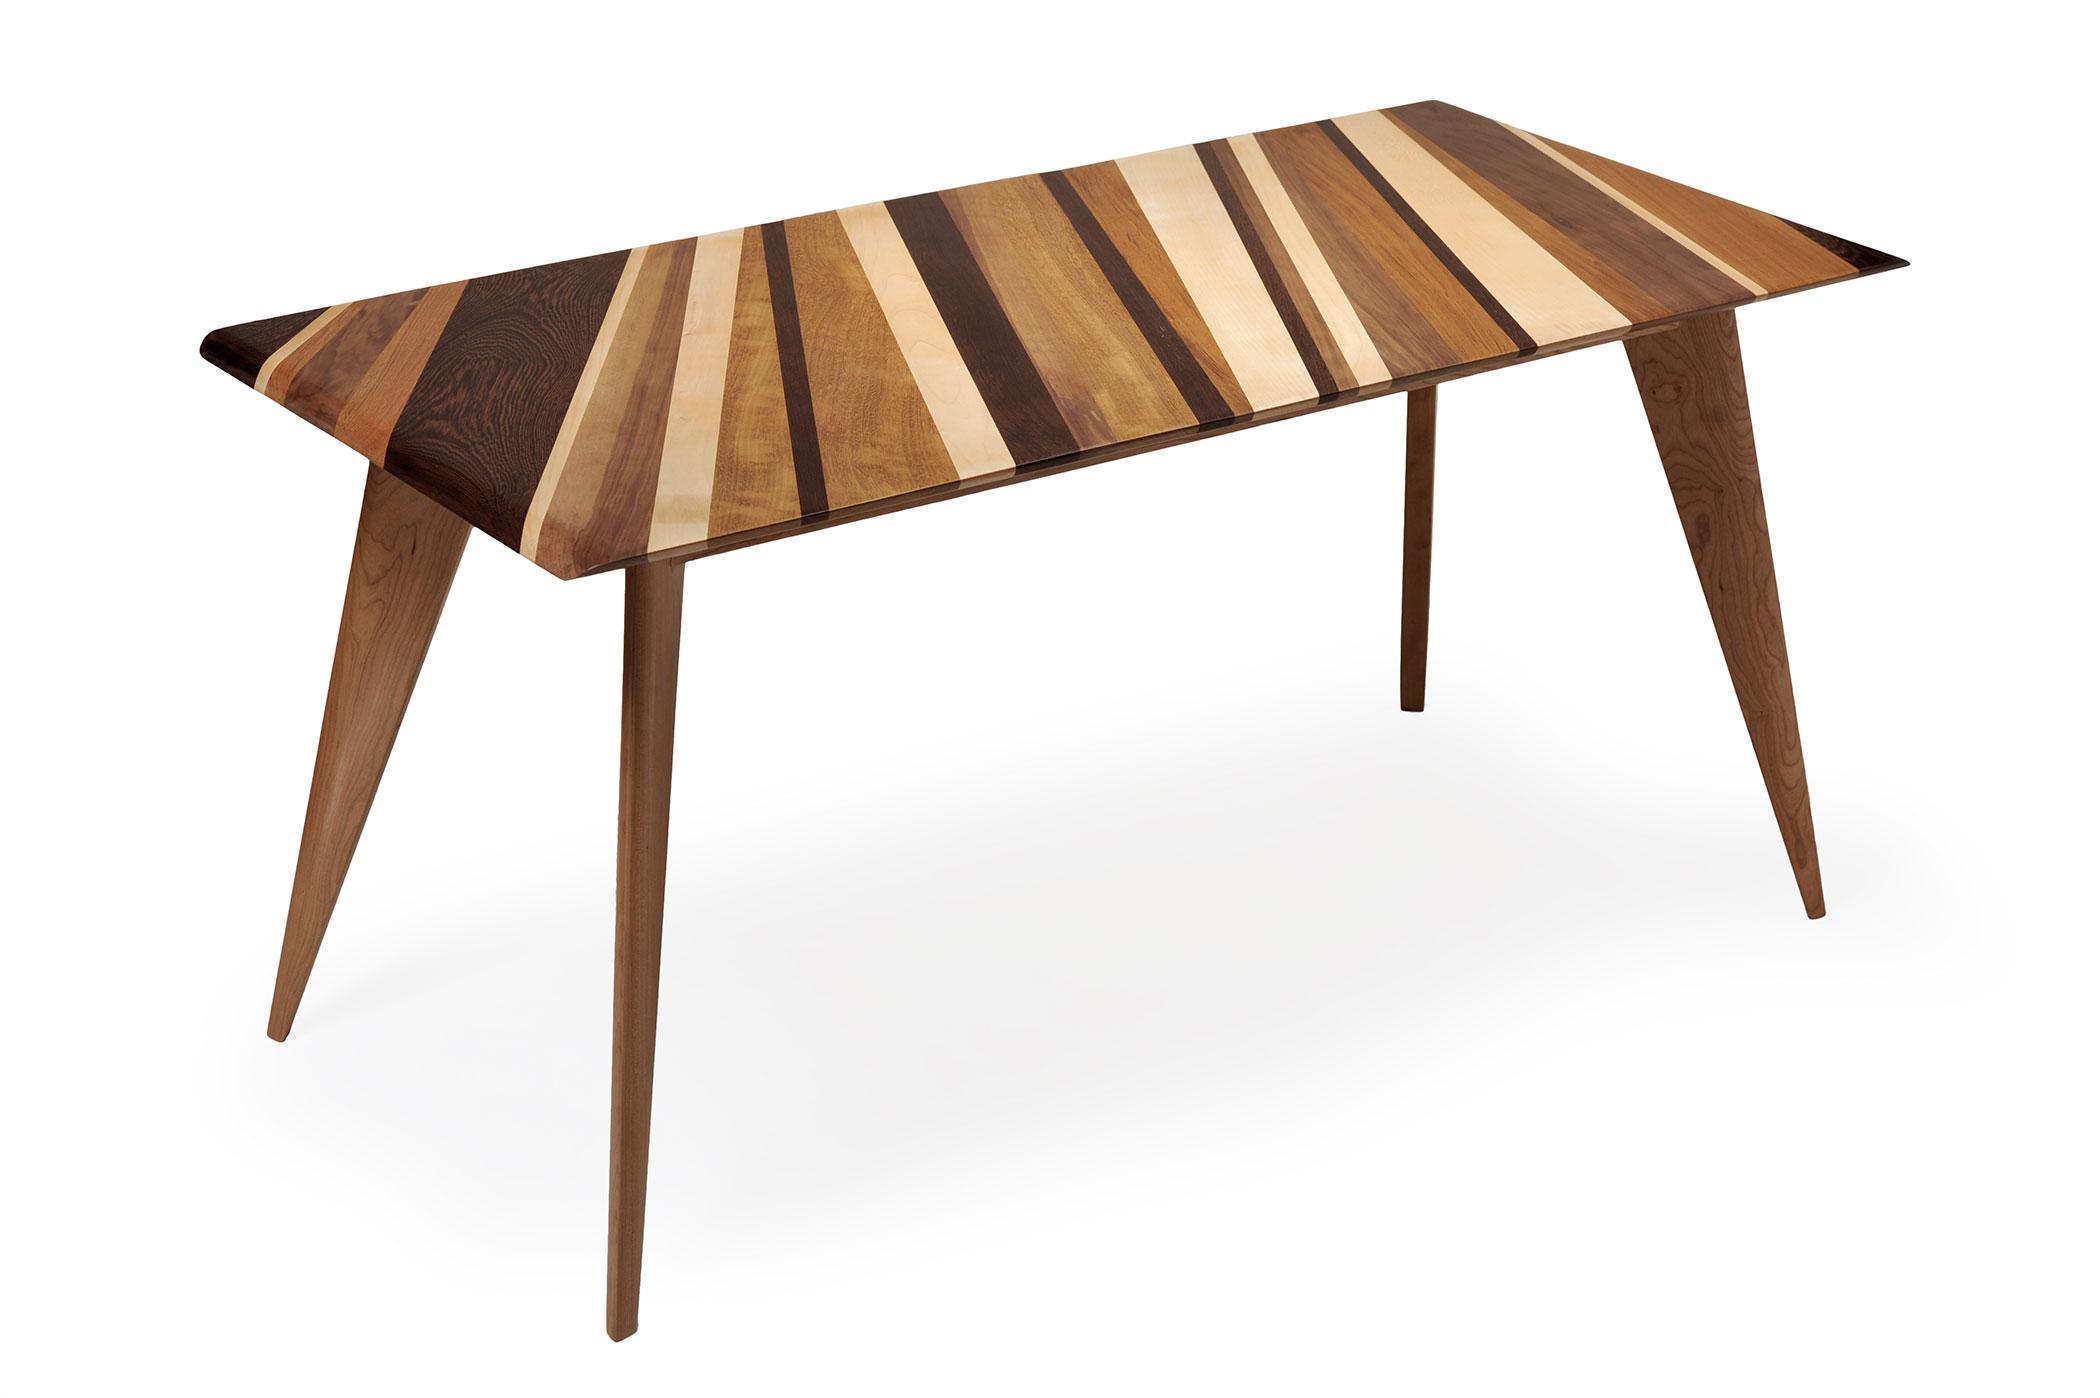 Base del tavolo interamente in legno massello di ciliegio con incastri in faggio. Tavolo con gambe rastremate, stondate e inclinate verso l'interno